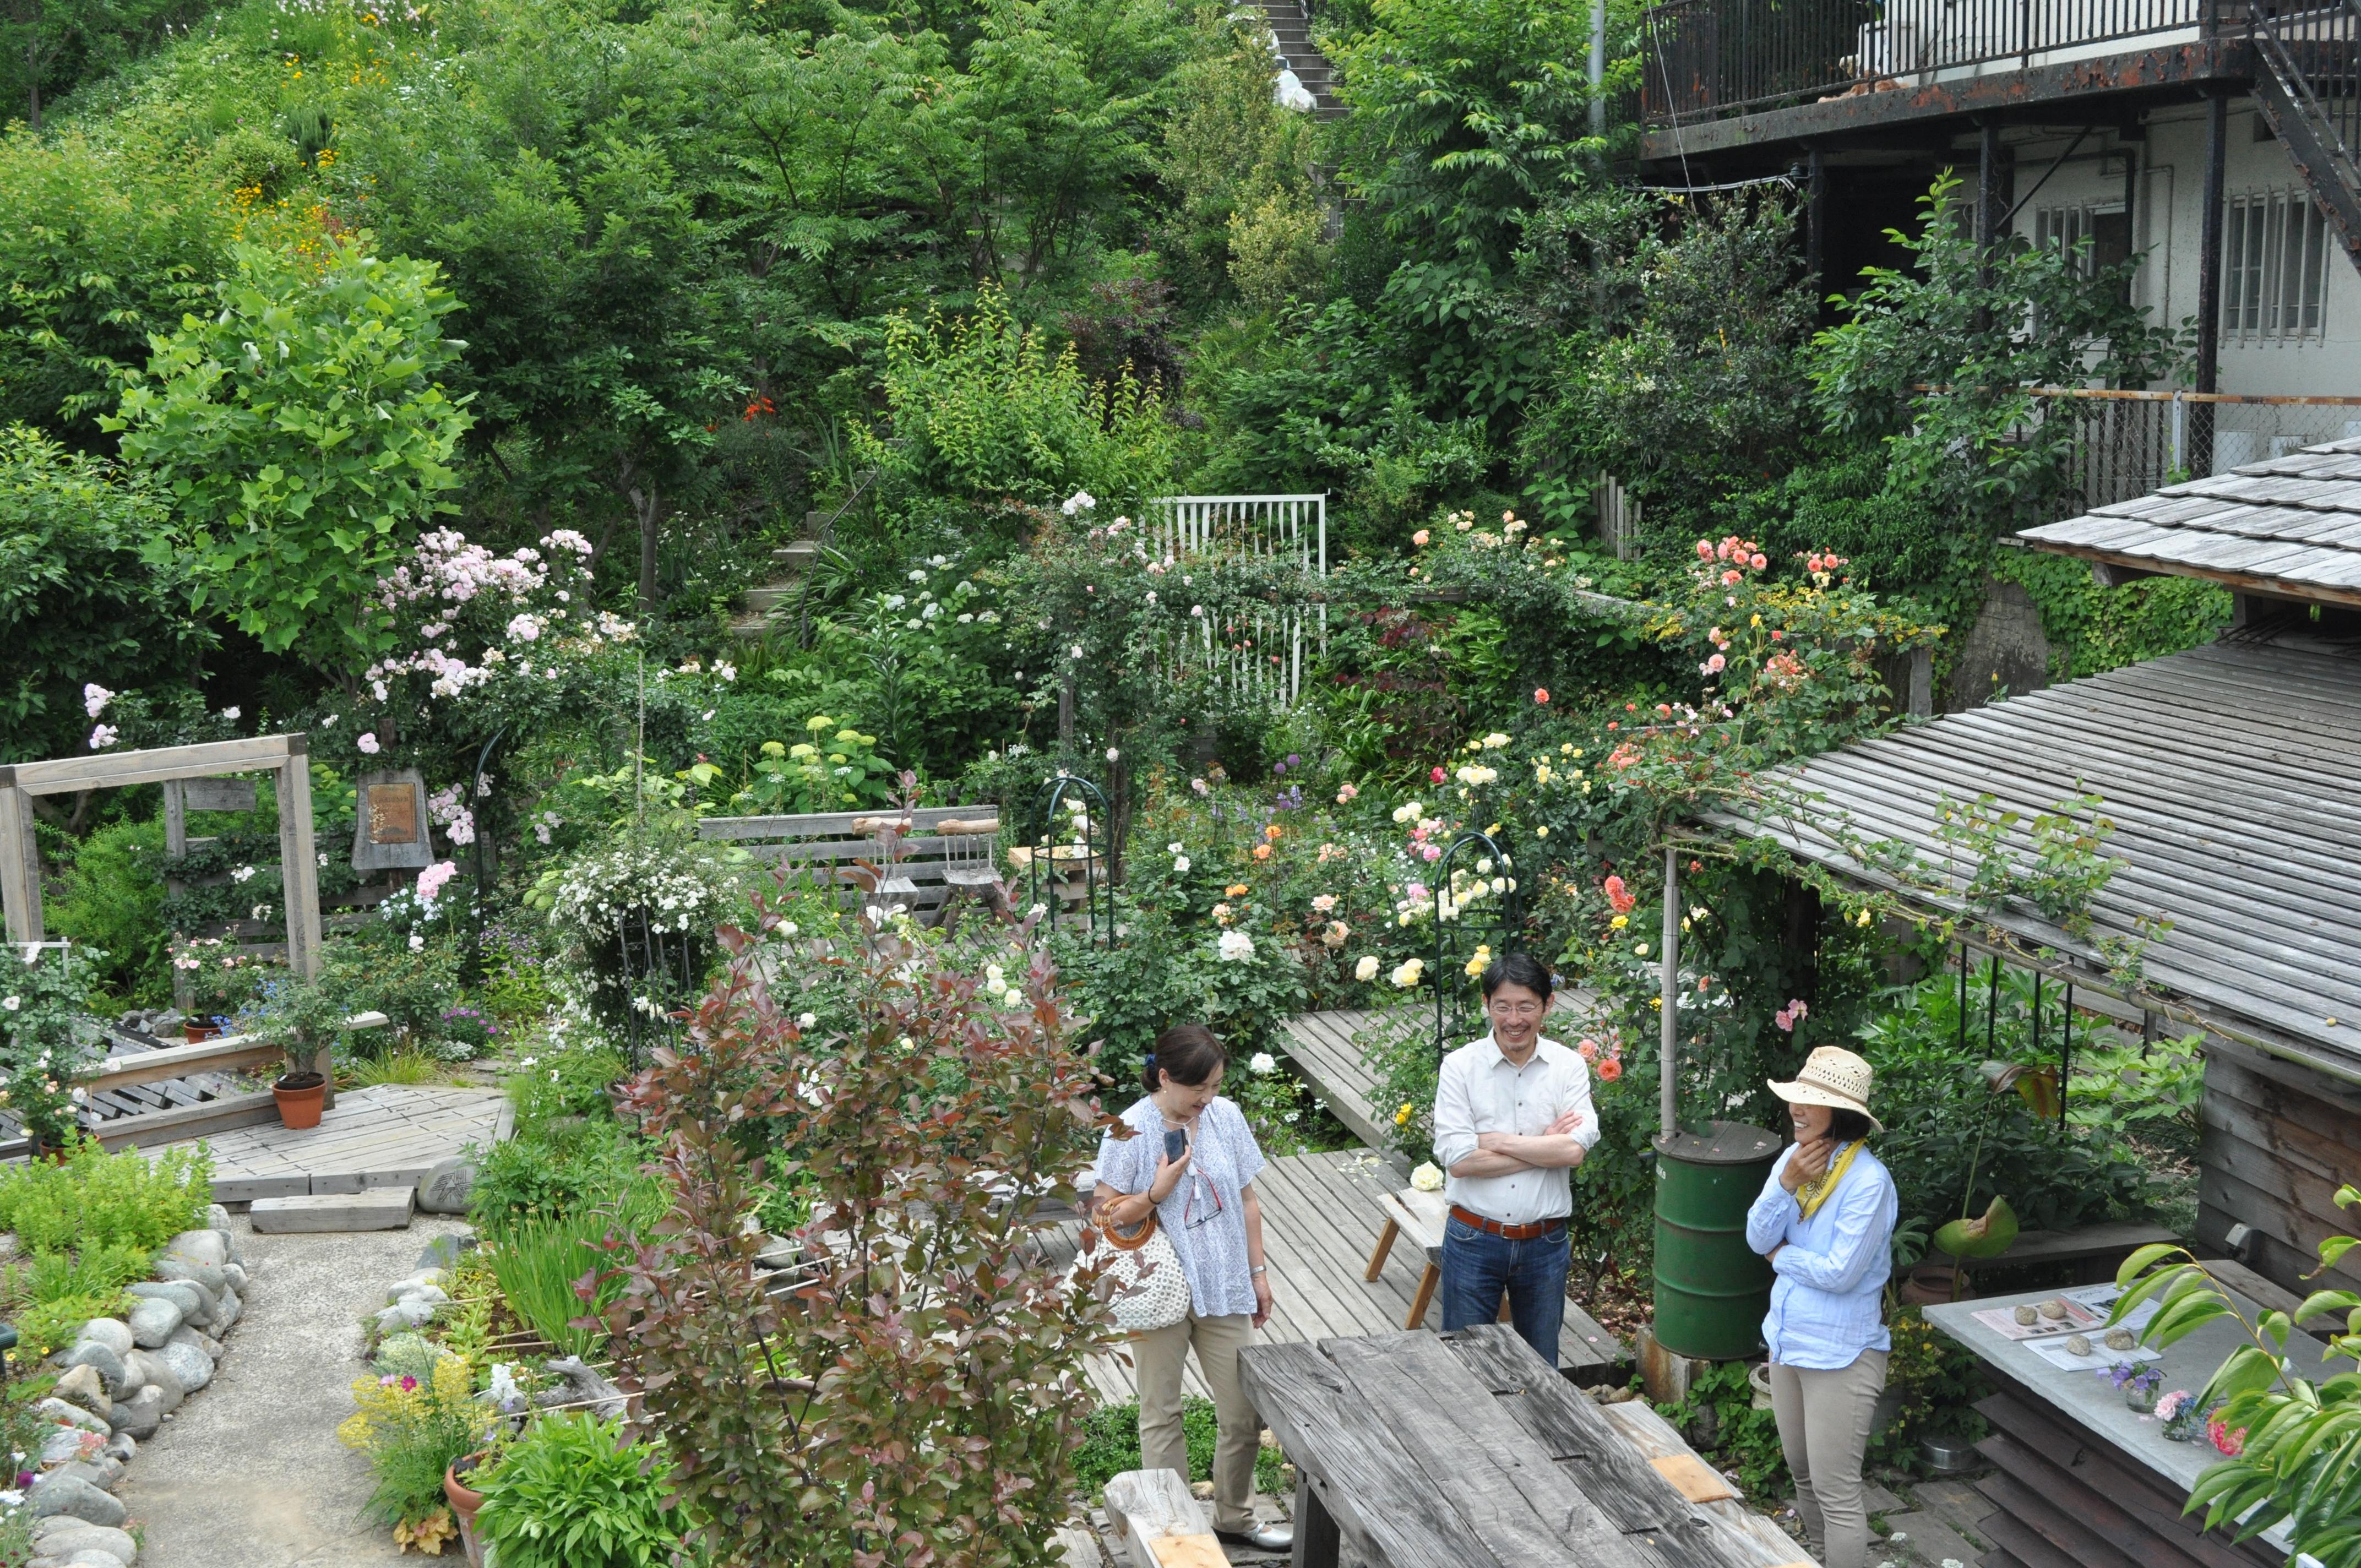 2019年も公開『季(とき)の庭』800種以上の草花やクラフト作家展、ワークショップも【川崎麻生区】